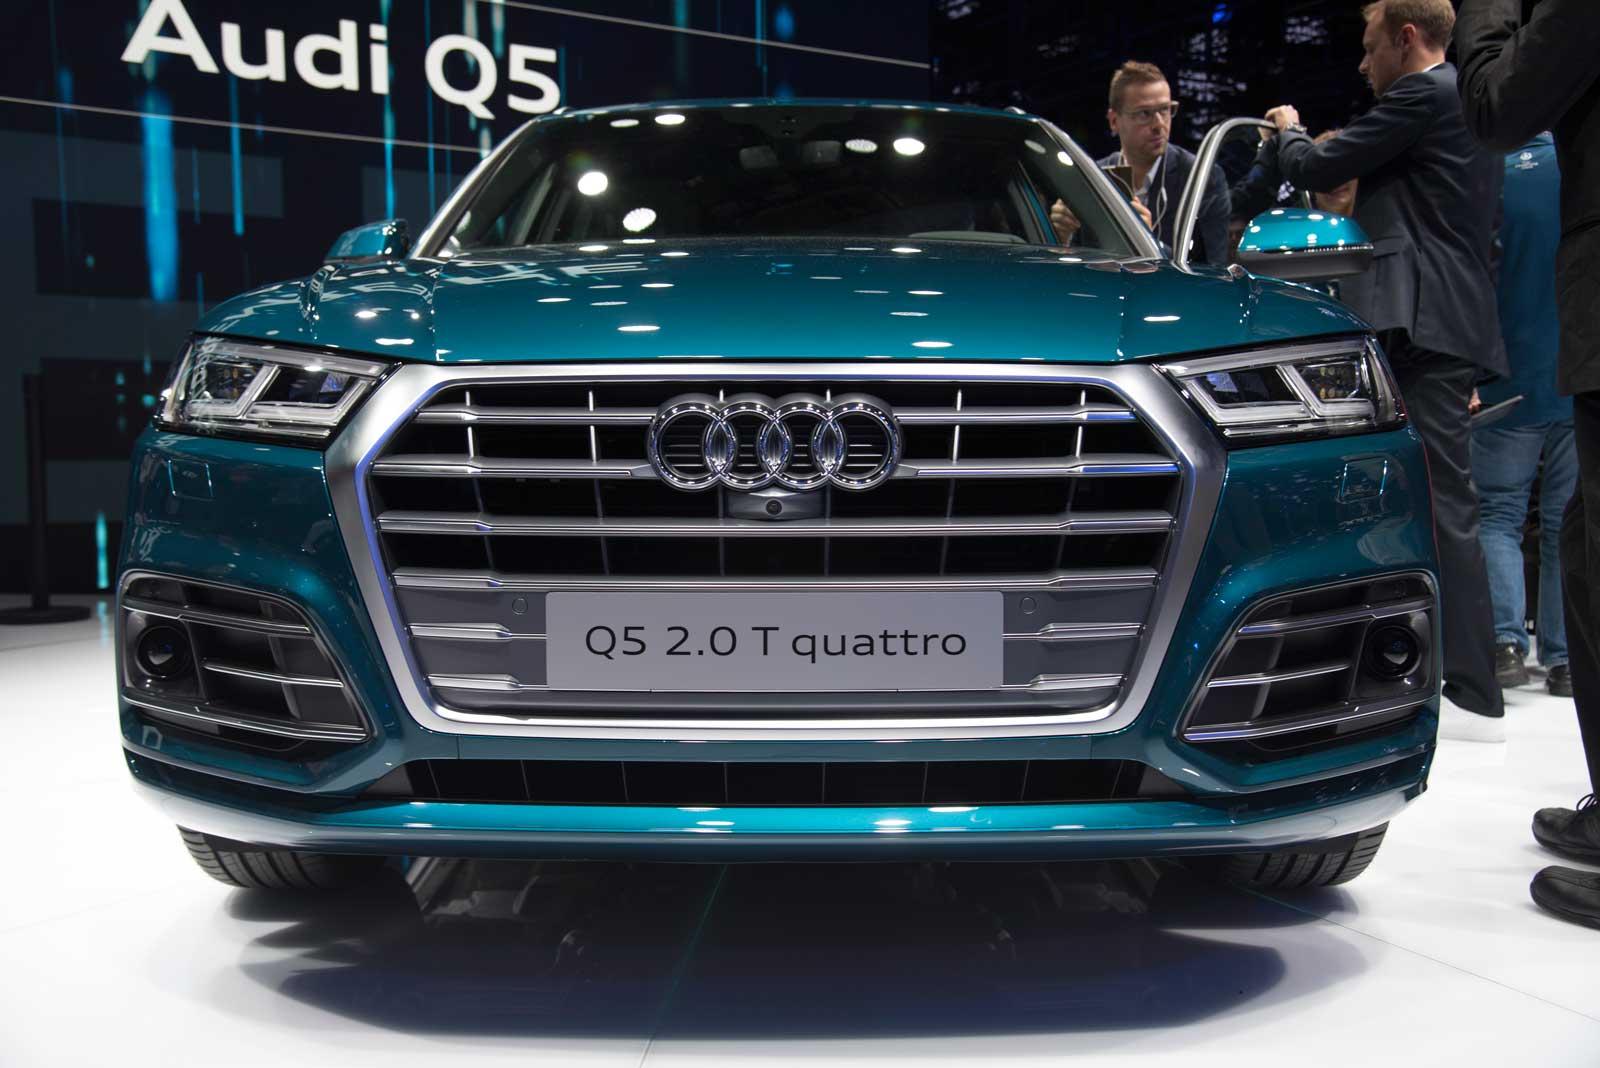 2017-Audi-Q5-Grille